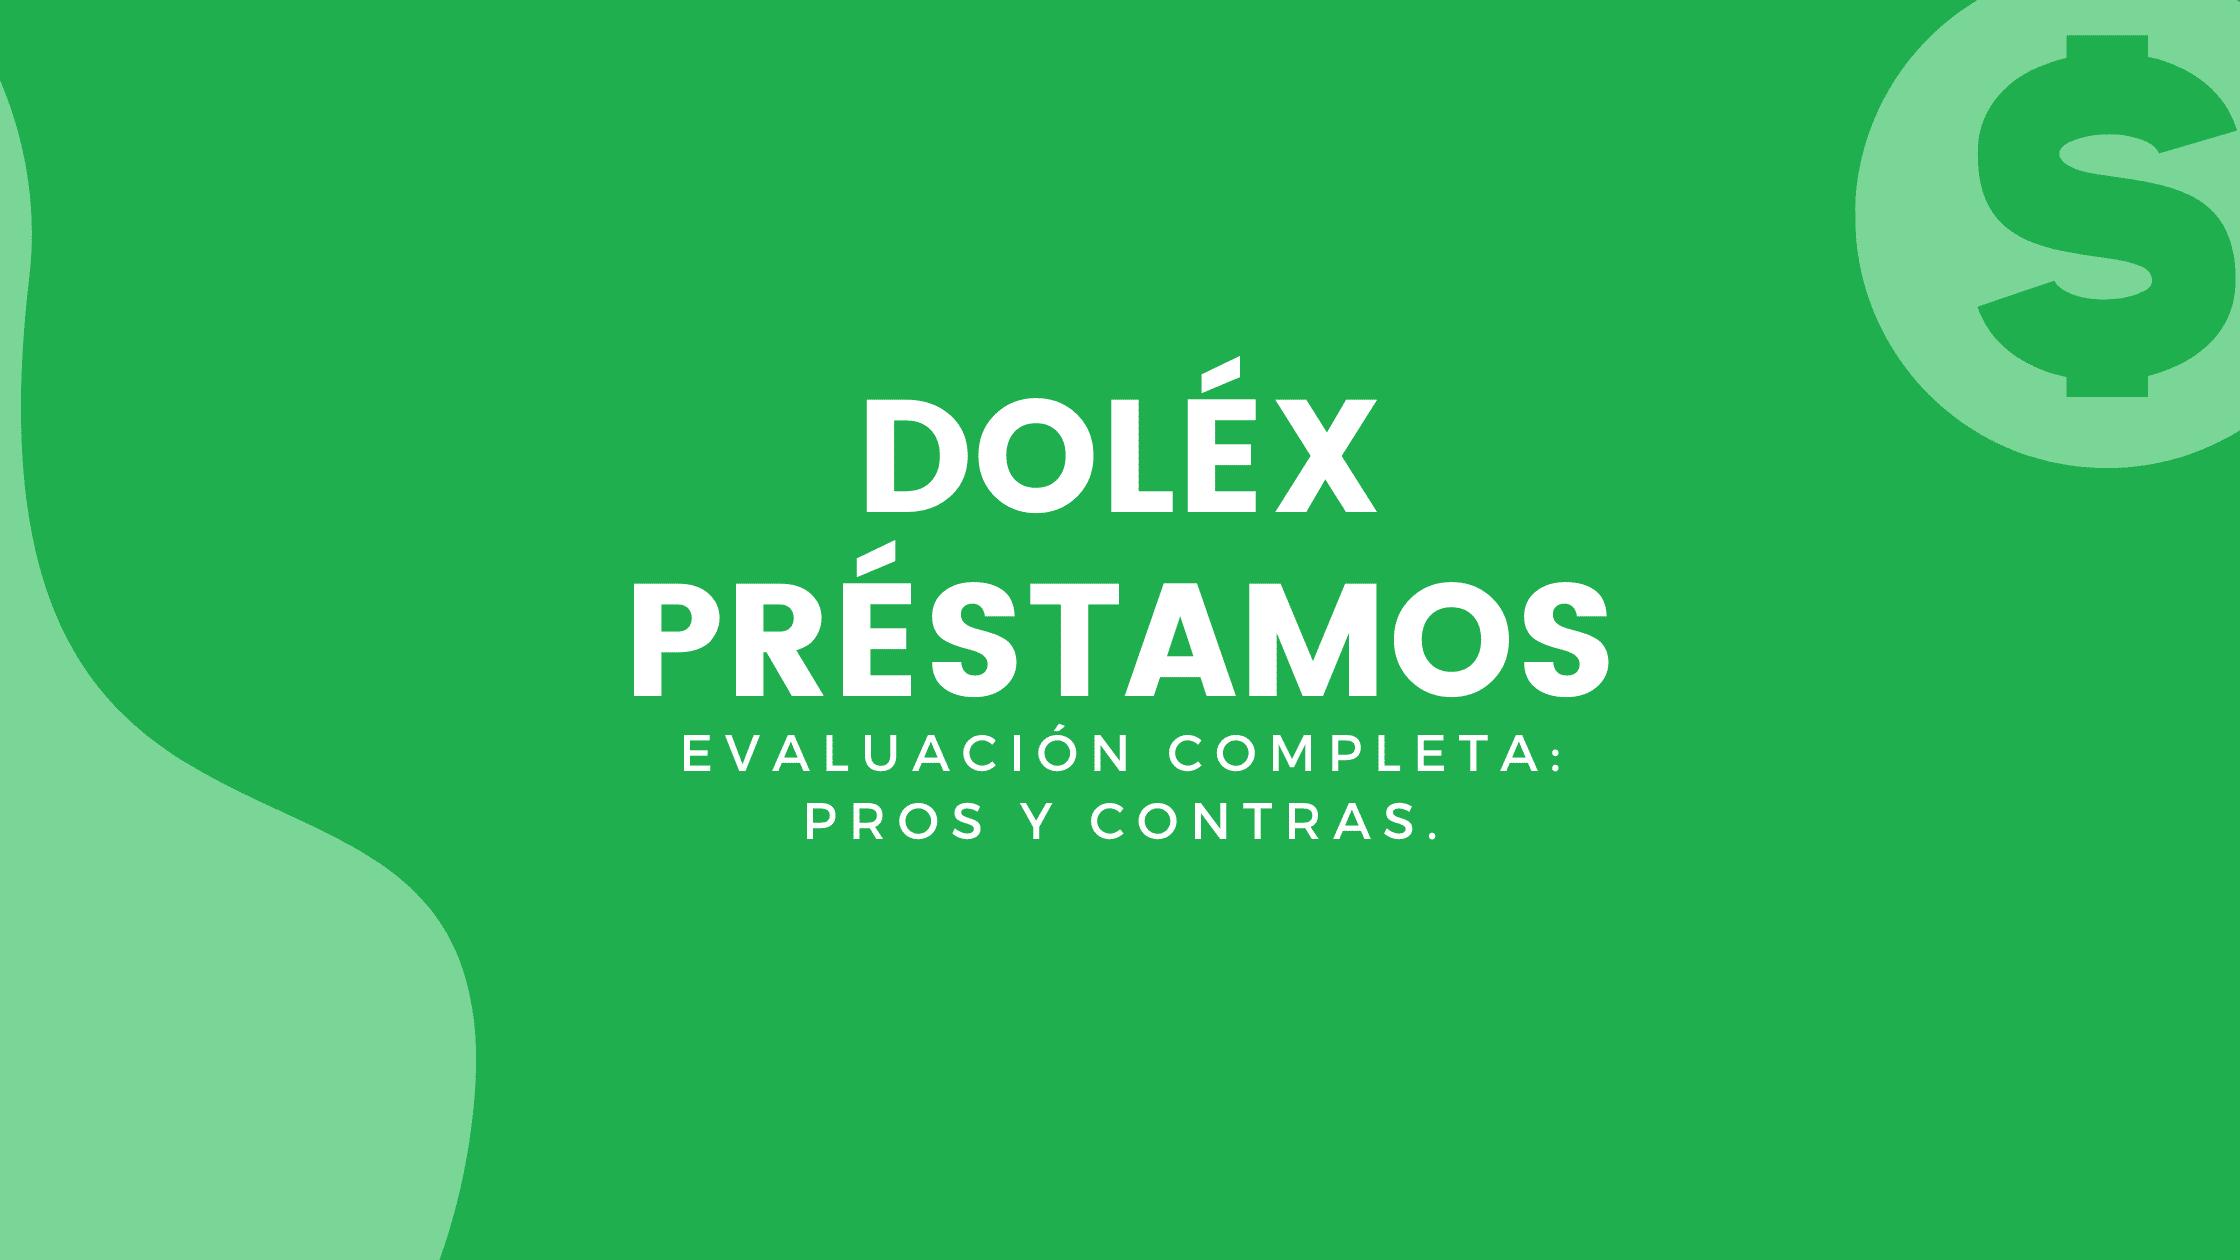 DOLEX PRÉSTAMOS